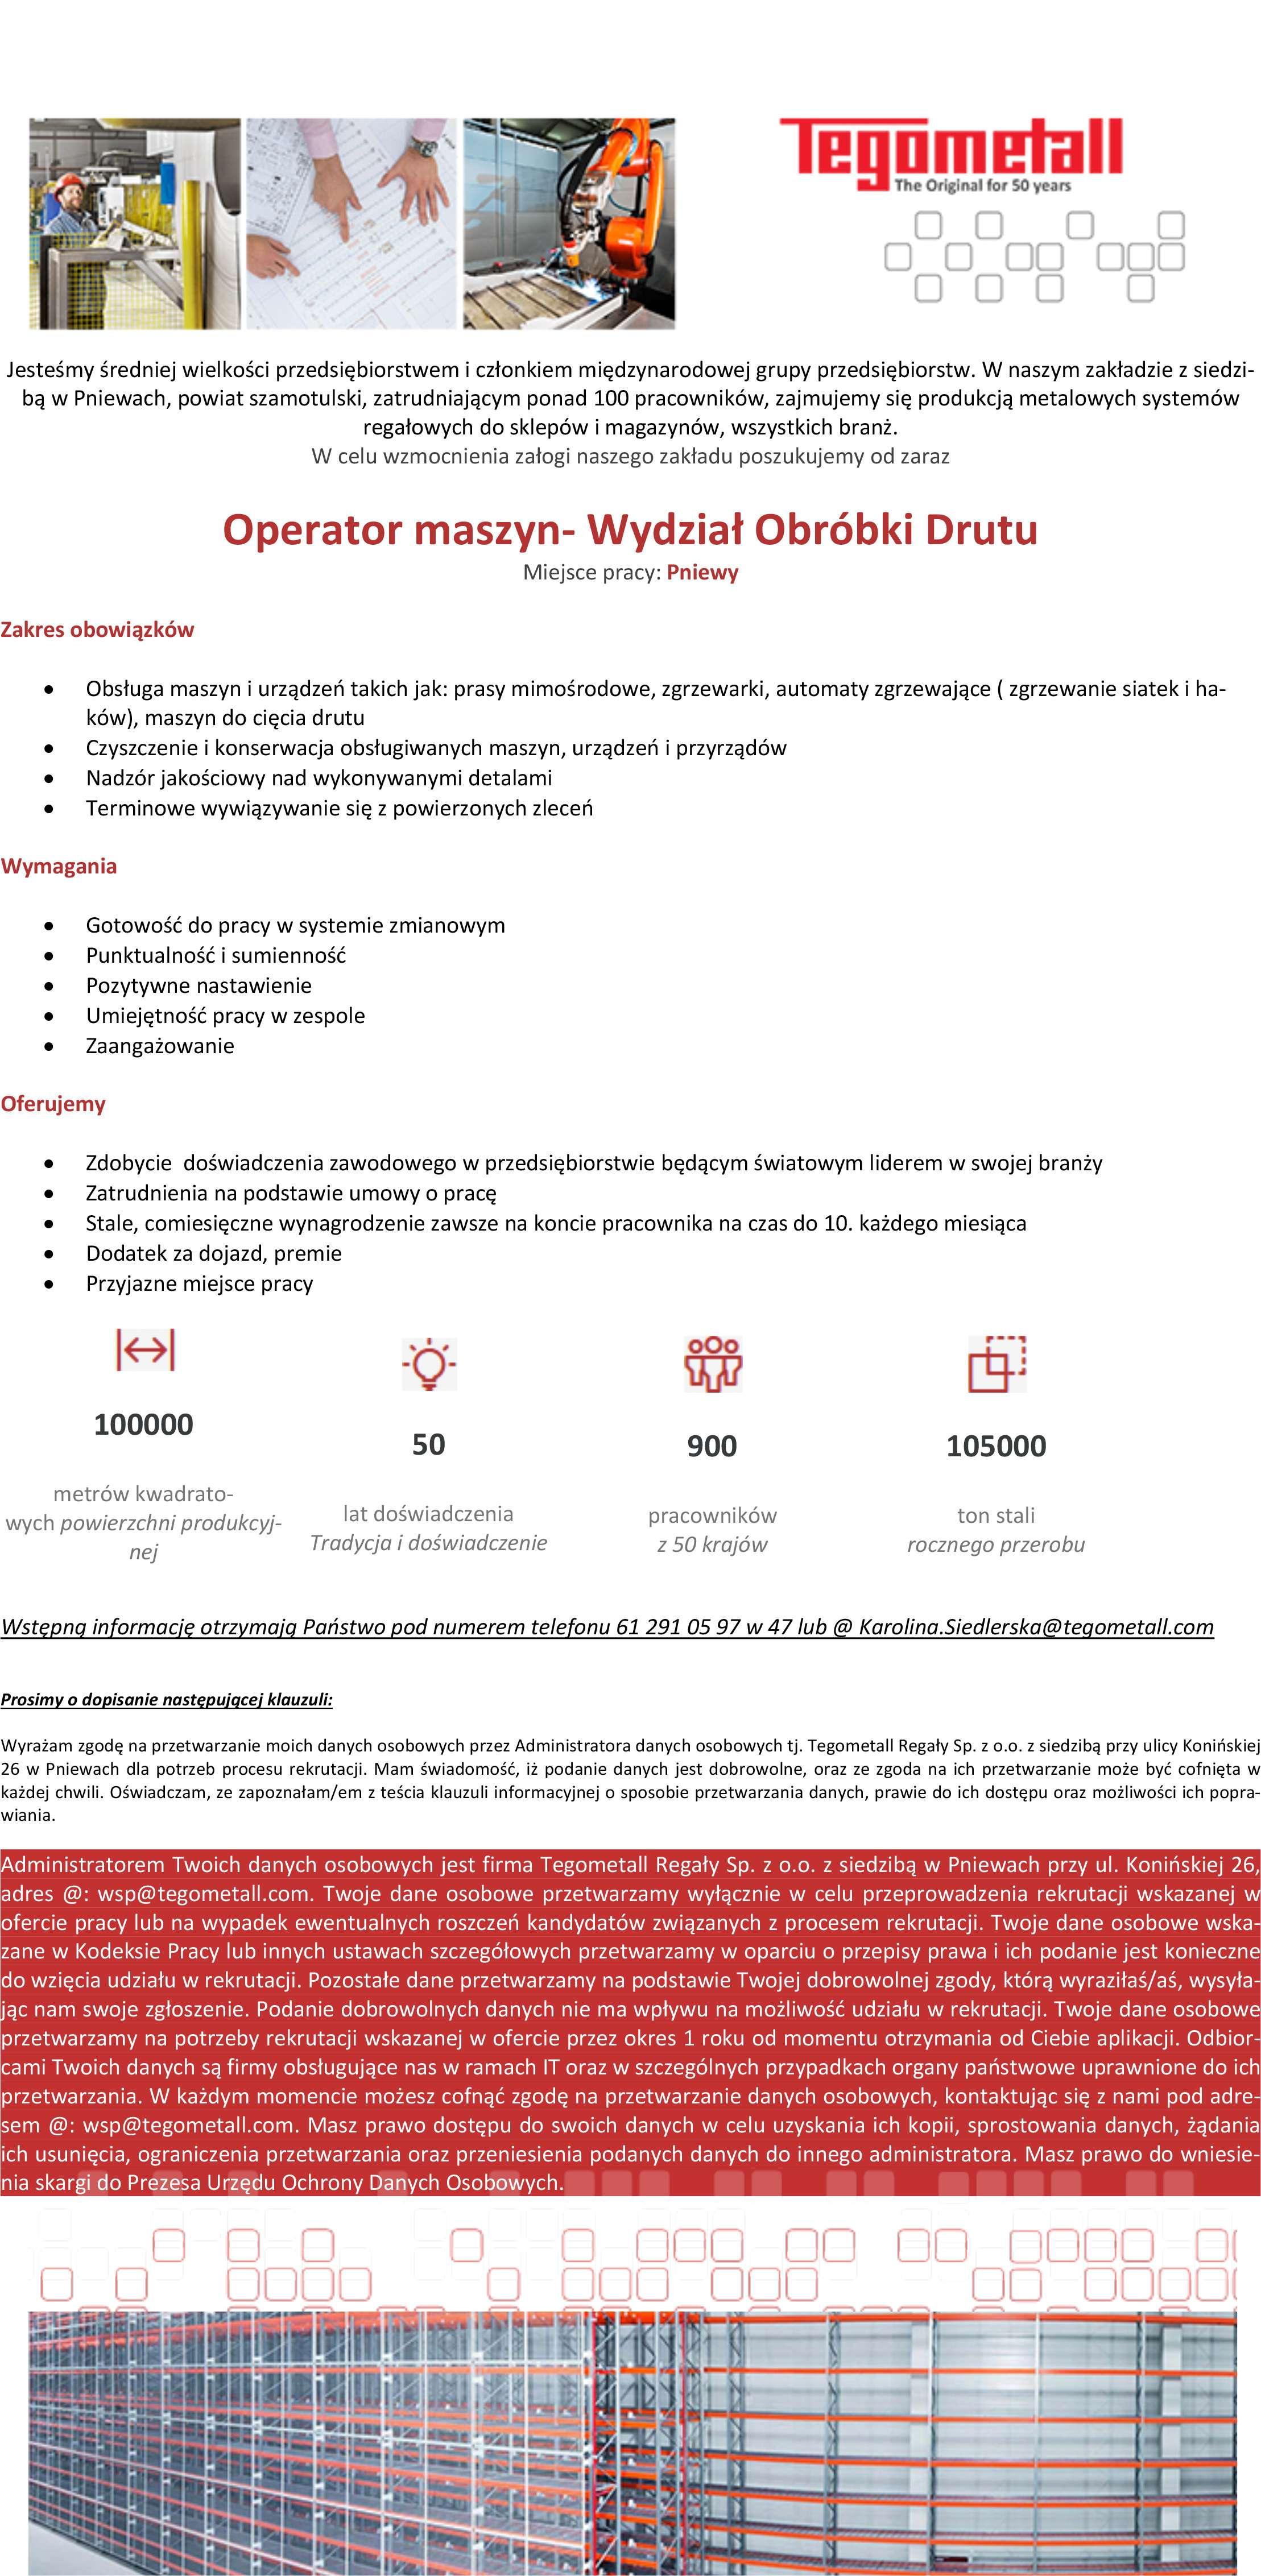 Praca dla Operatora Maszyn – Wydział Obróbki Drutu